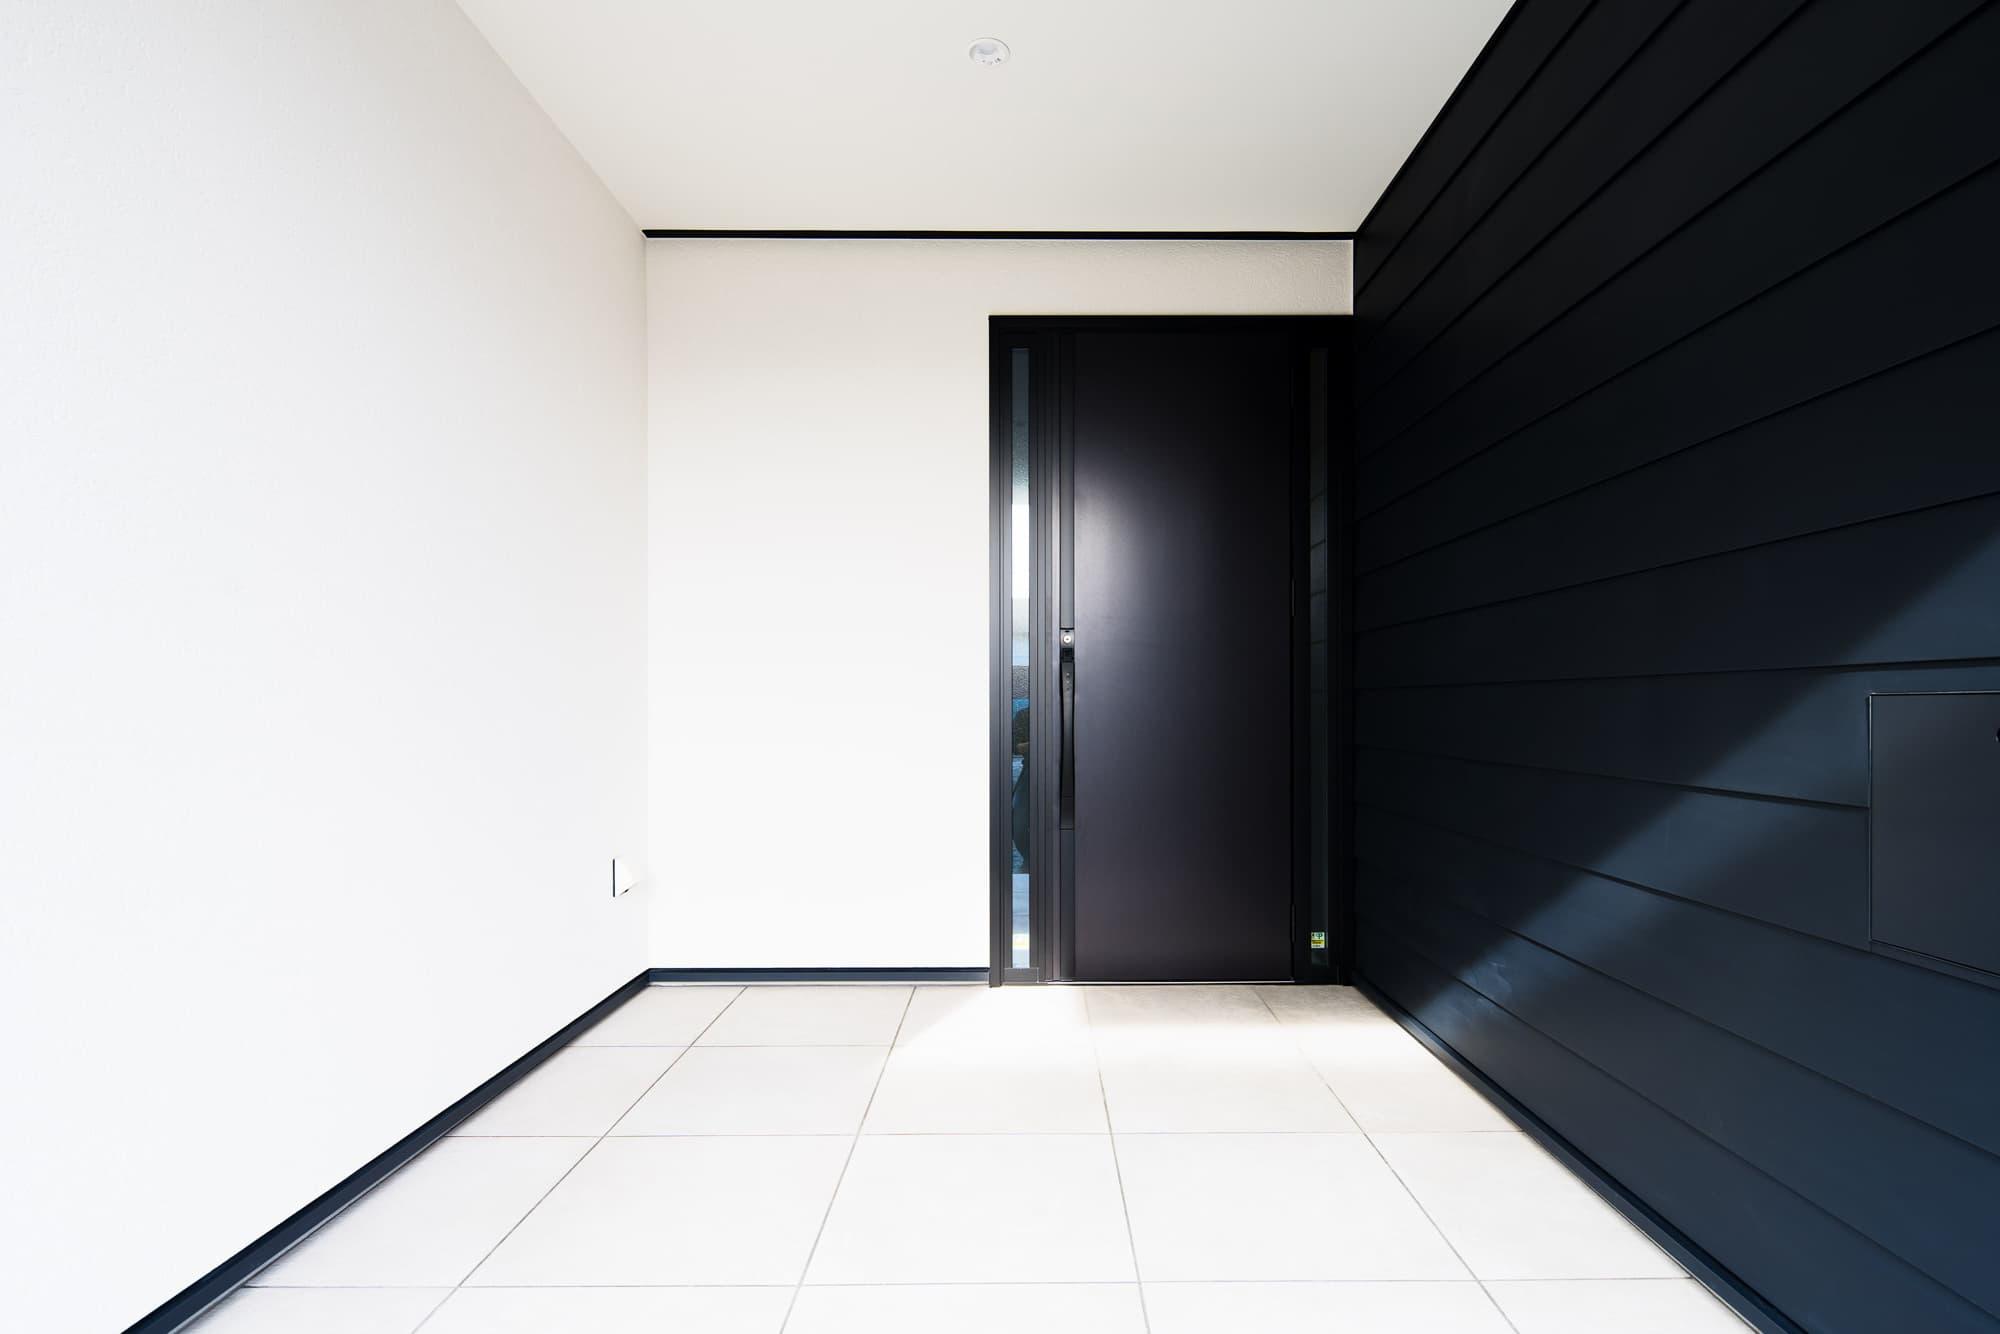 南アルプス市 工務店 ビルテック施工実績 新築